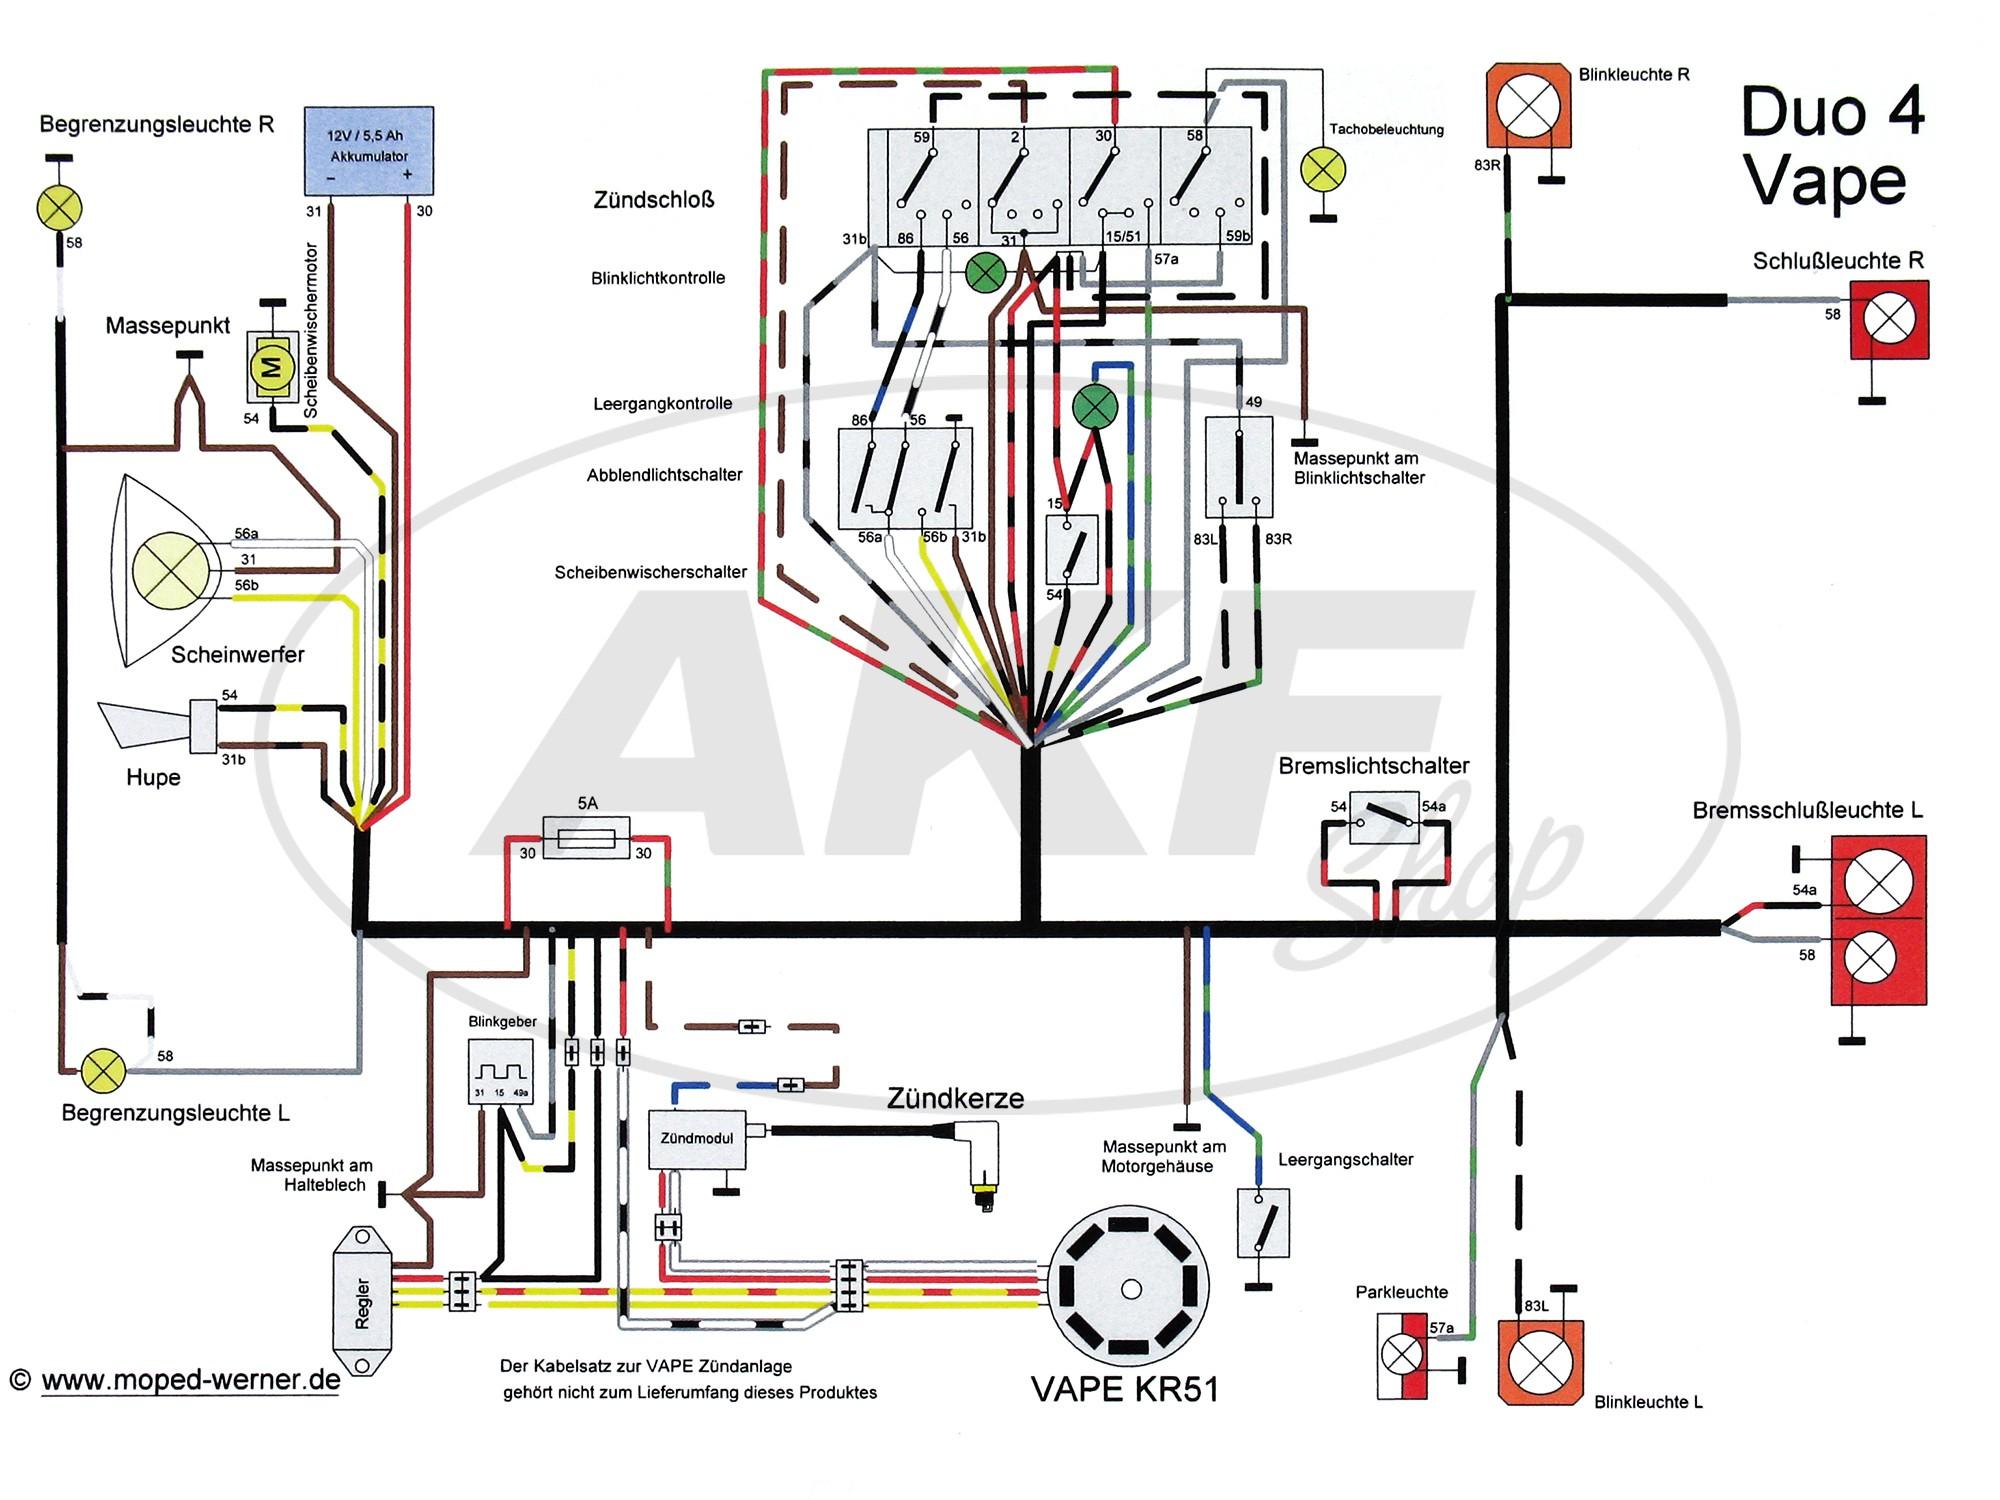 Kabelbaumset Duo 4/1 - für VAPE-Zündanlage - inkl. Schaltplan (farbig)